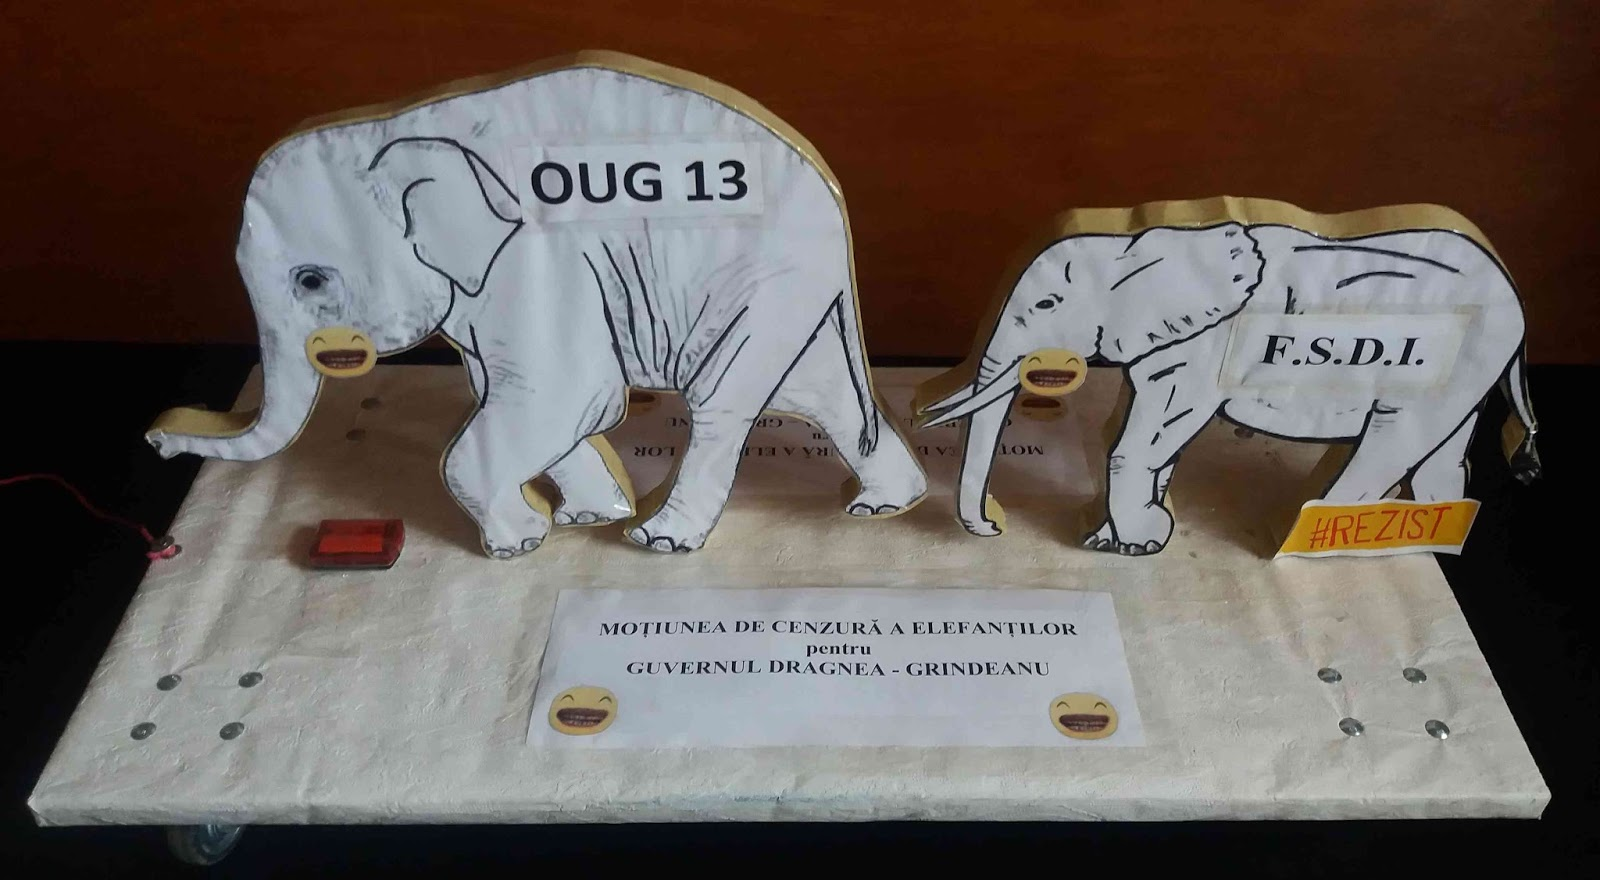 Dragnea - De ce s-a grăbit Dragnea să distrugă guvernul Grindeanu  Motiunea%2Bde%2Bcenzura%2Ba%2Belefantilor